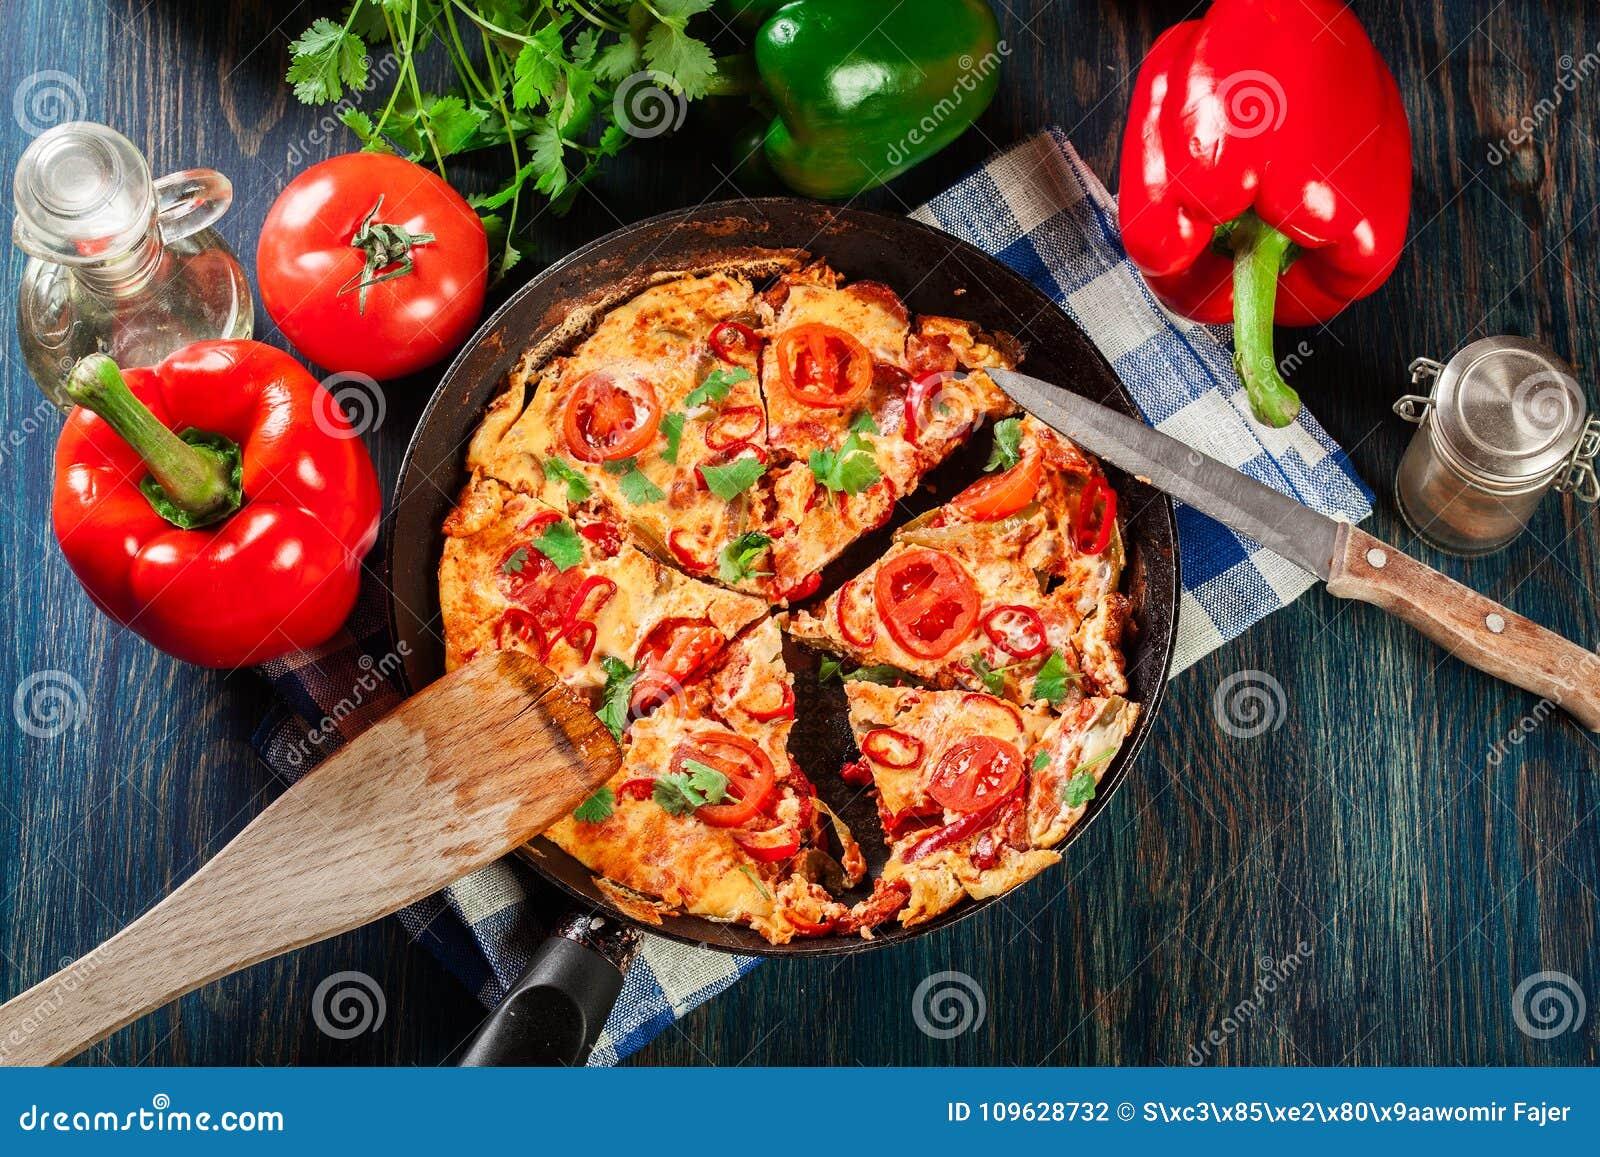 Frittata feito dos ovos, do chouriço da salsicha, da pimenta vermelha, da pimenta verde, dos tomates, do queijo e do pimentão em